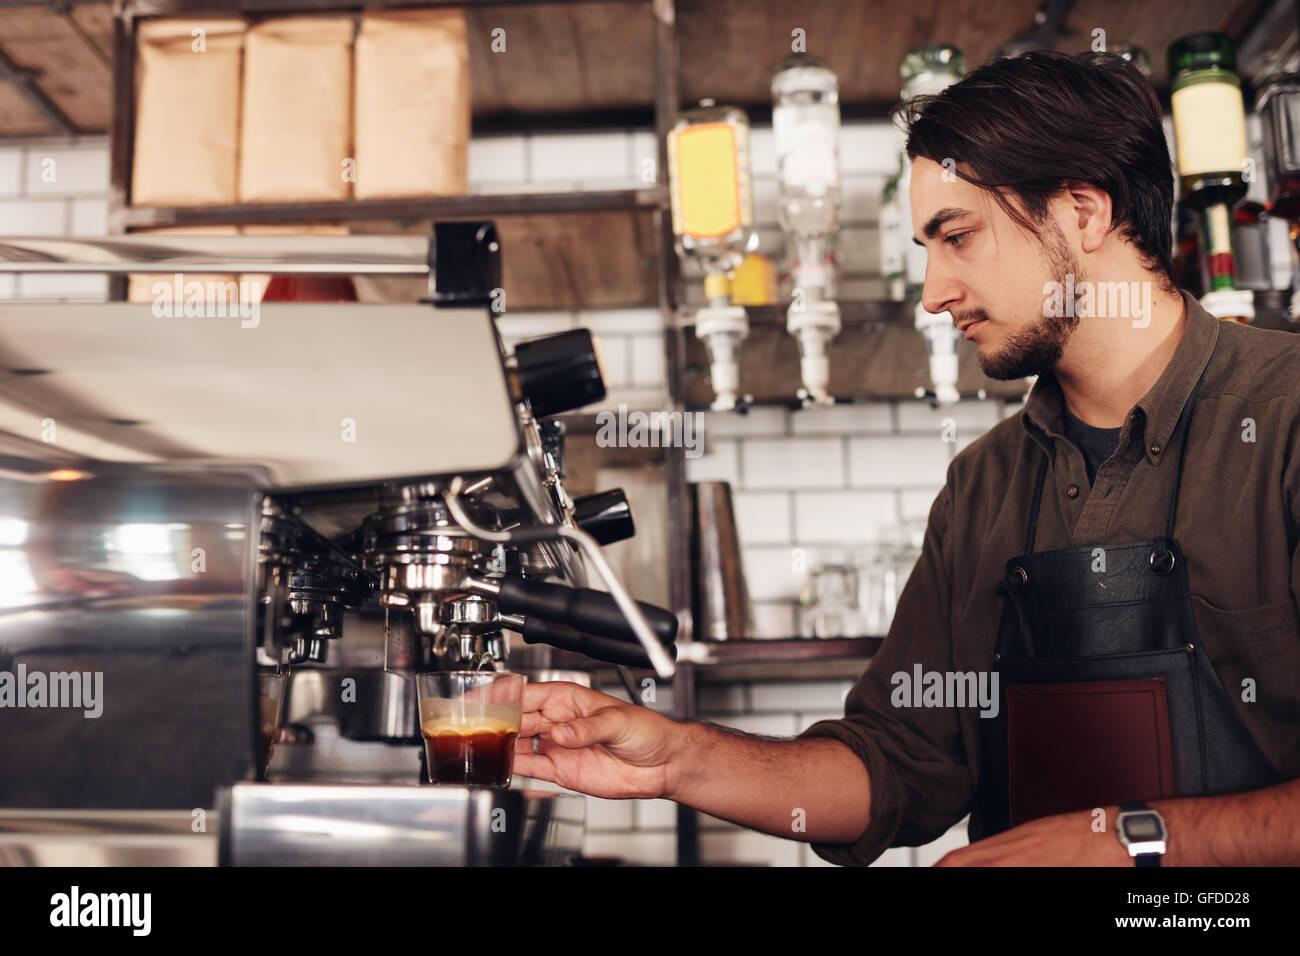 Side View Of Male Barista Preparing Espresso At Coffee